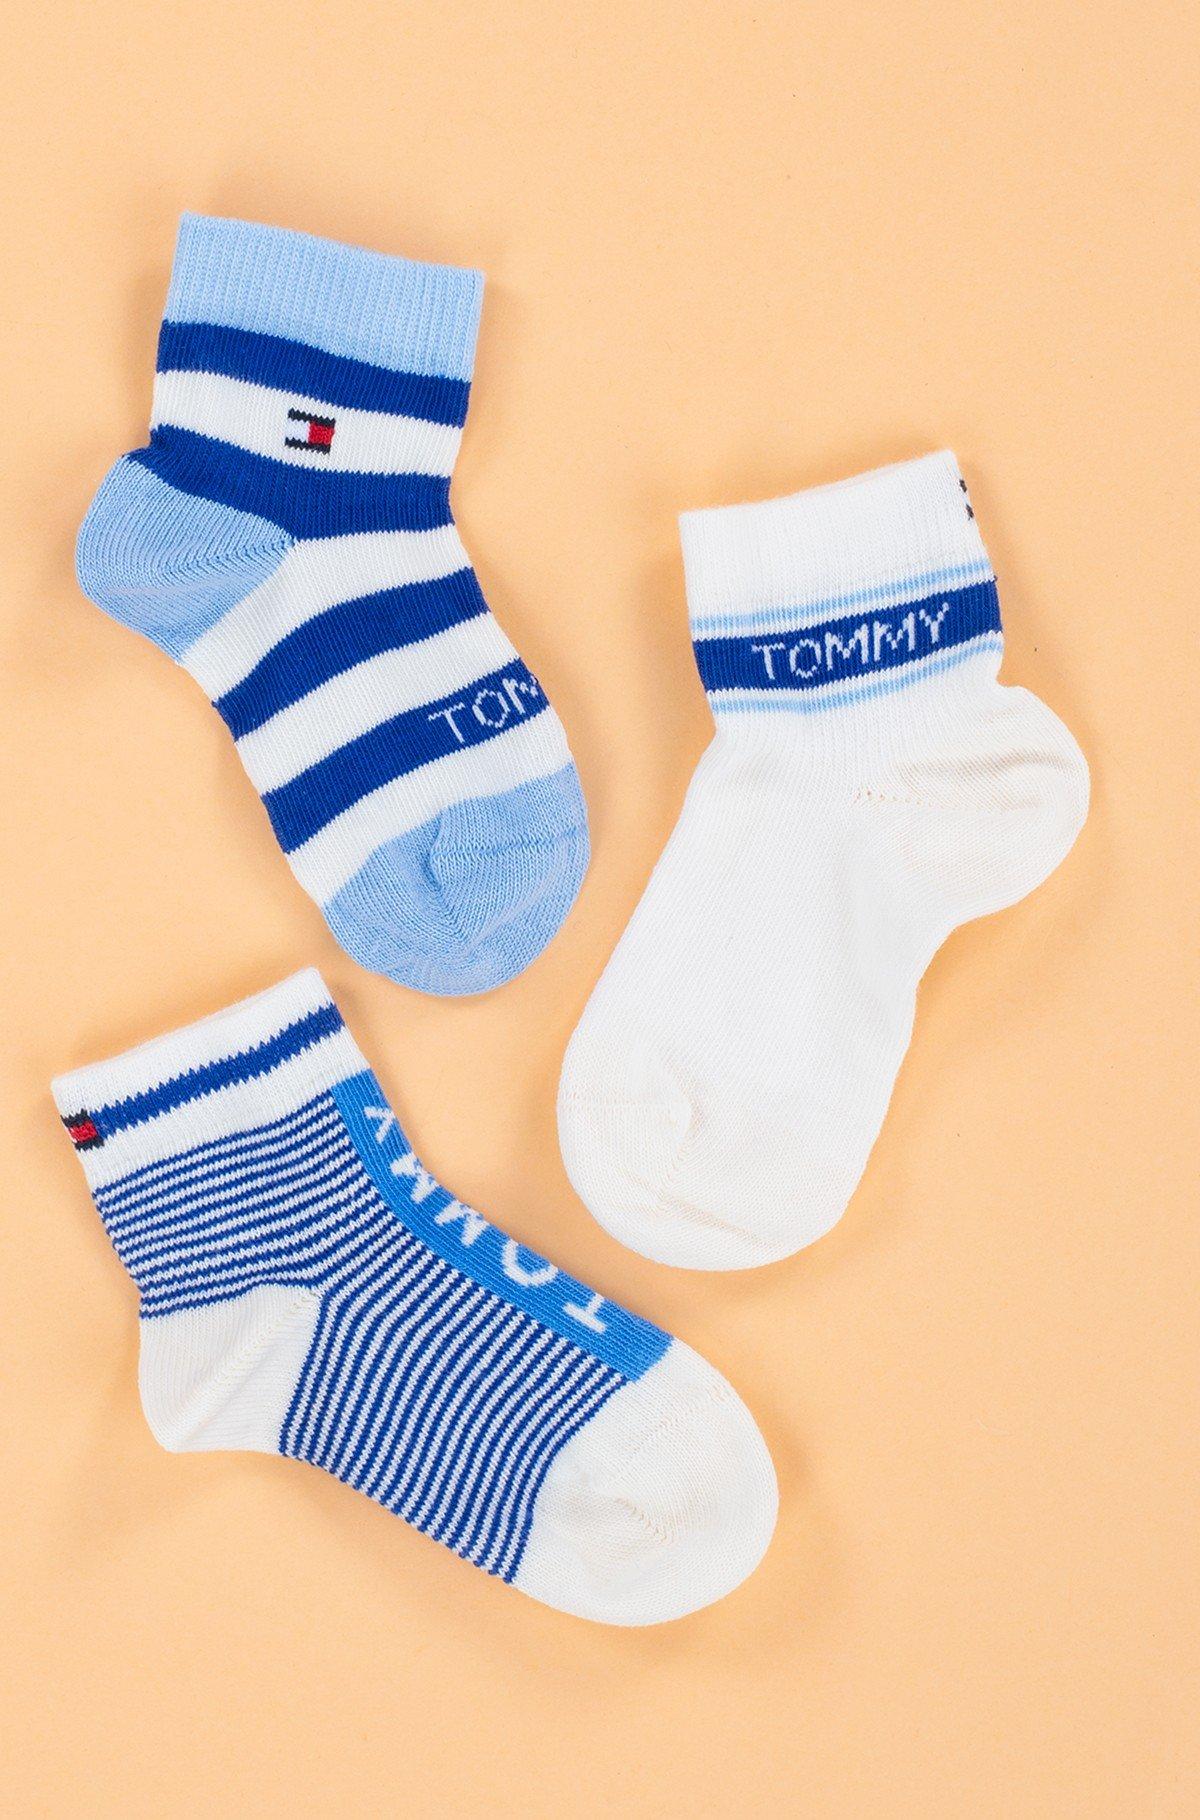 Socks in gift box 100002326-full-2